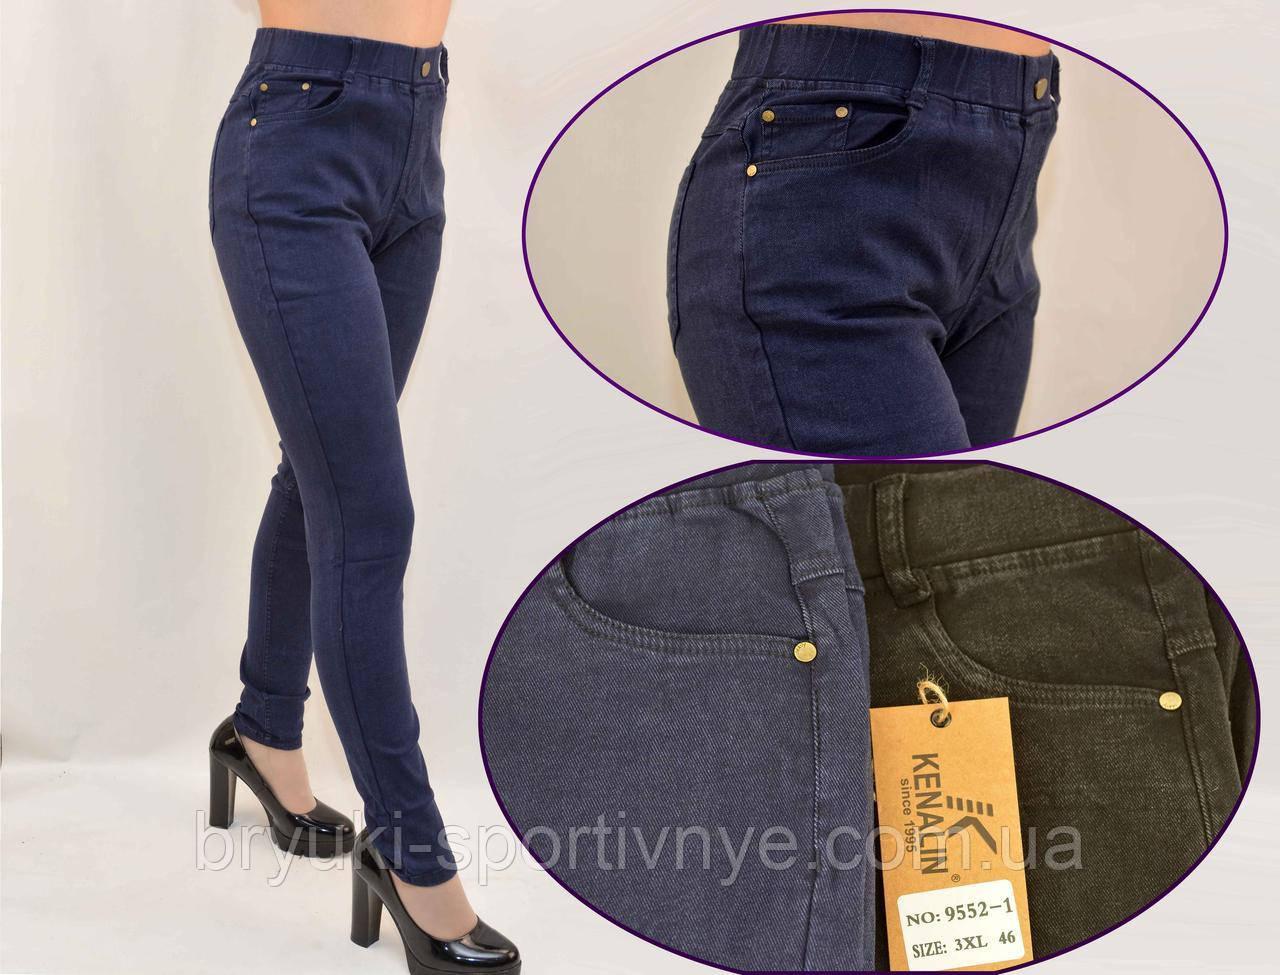 Джинси жіночі в великих розмірах з бічними і задніми кишенями 3XL Чорний